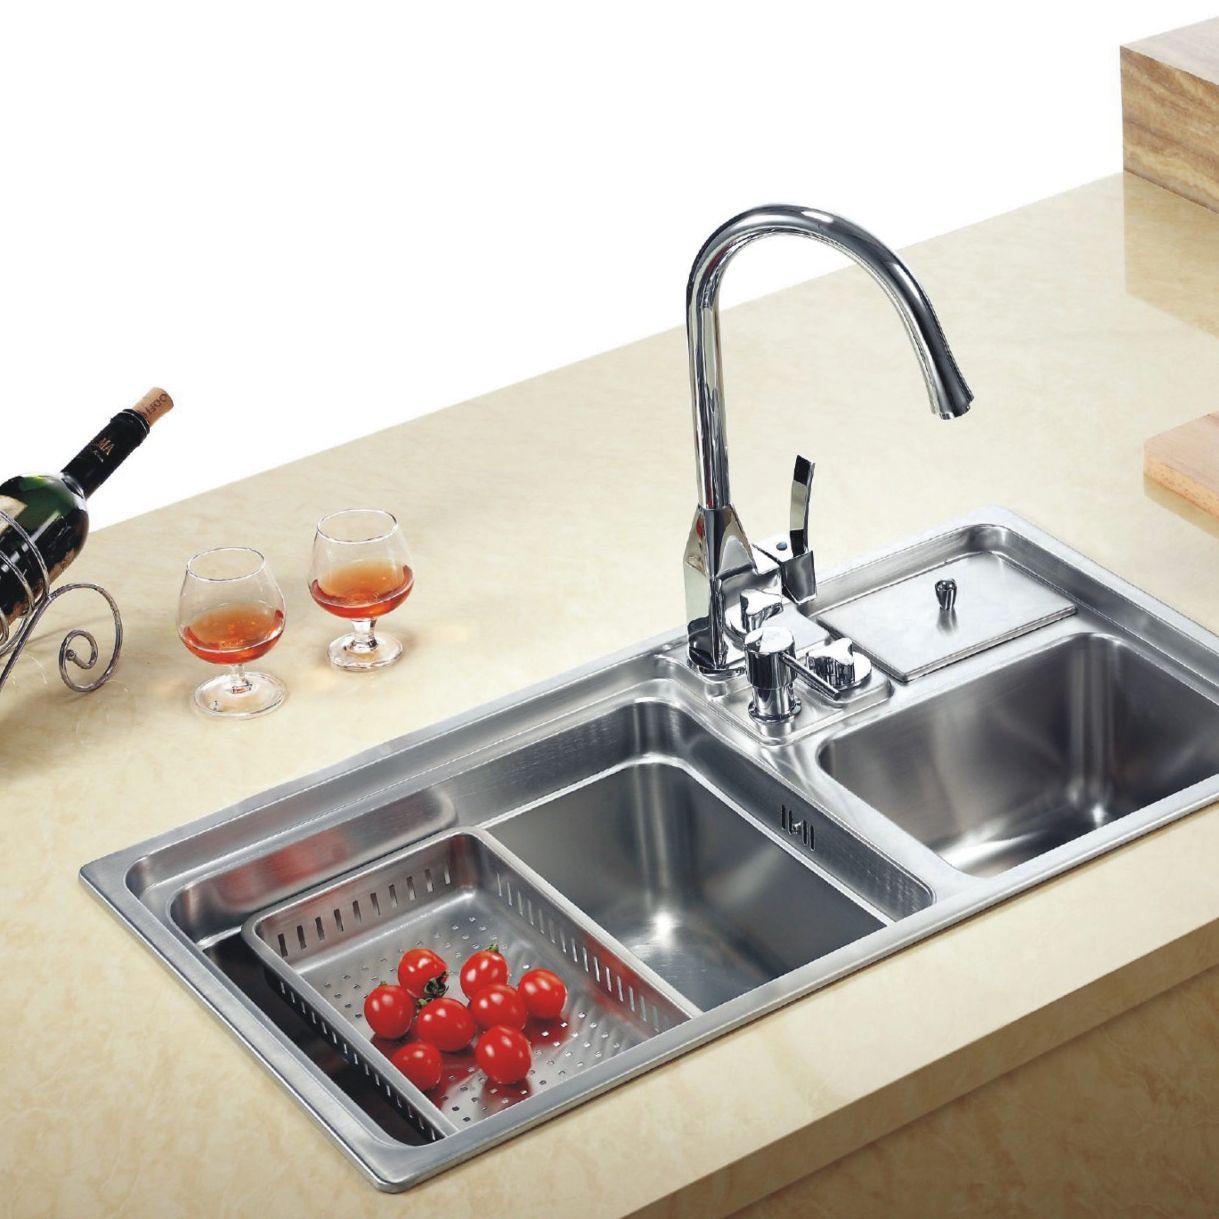 stylish Kitchen Sink model | Kitchen Design and Appliances ...